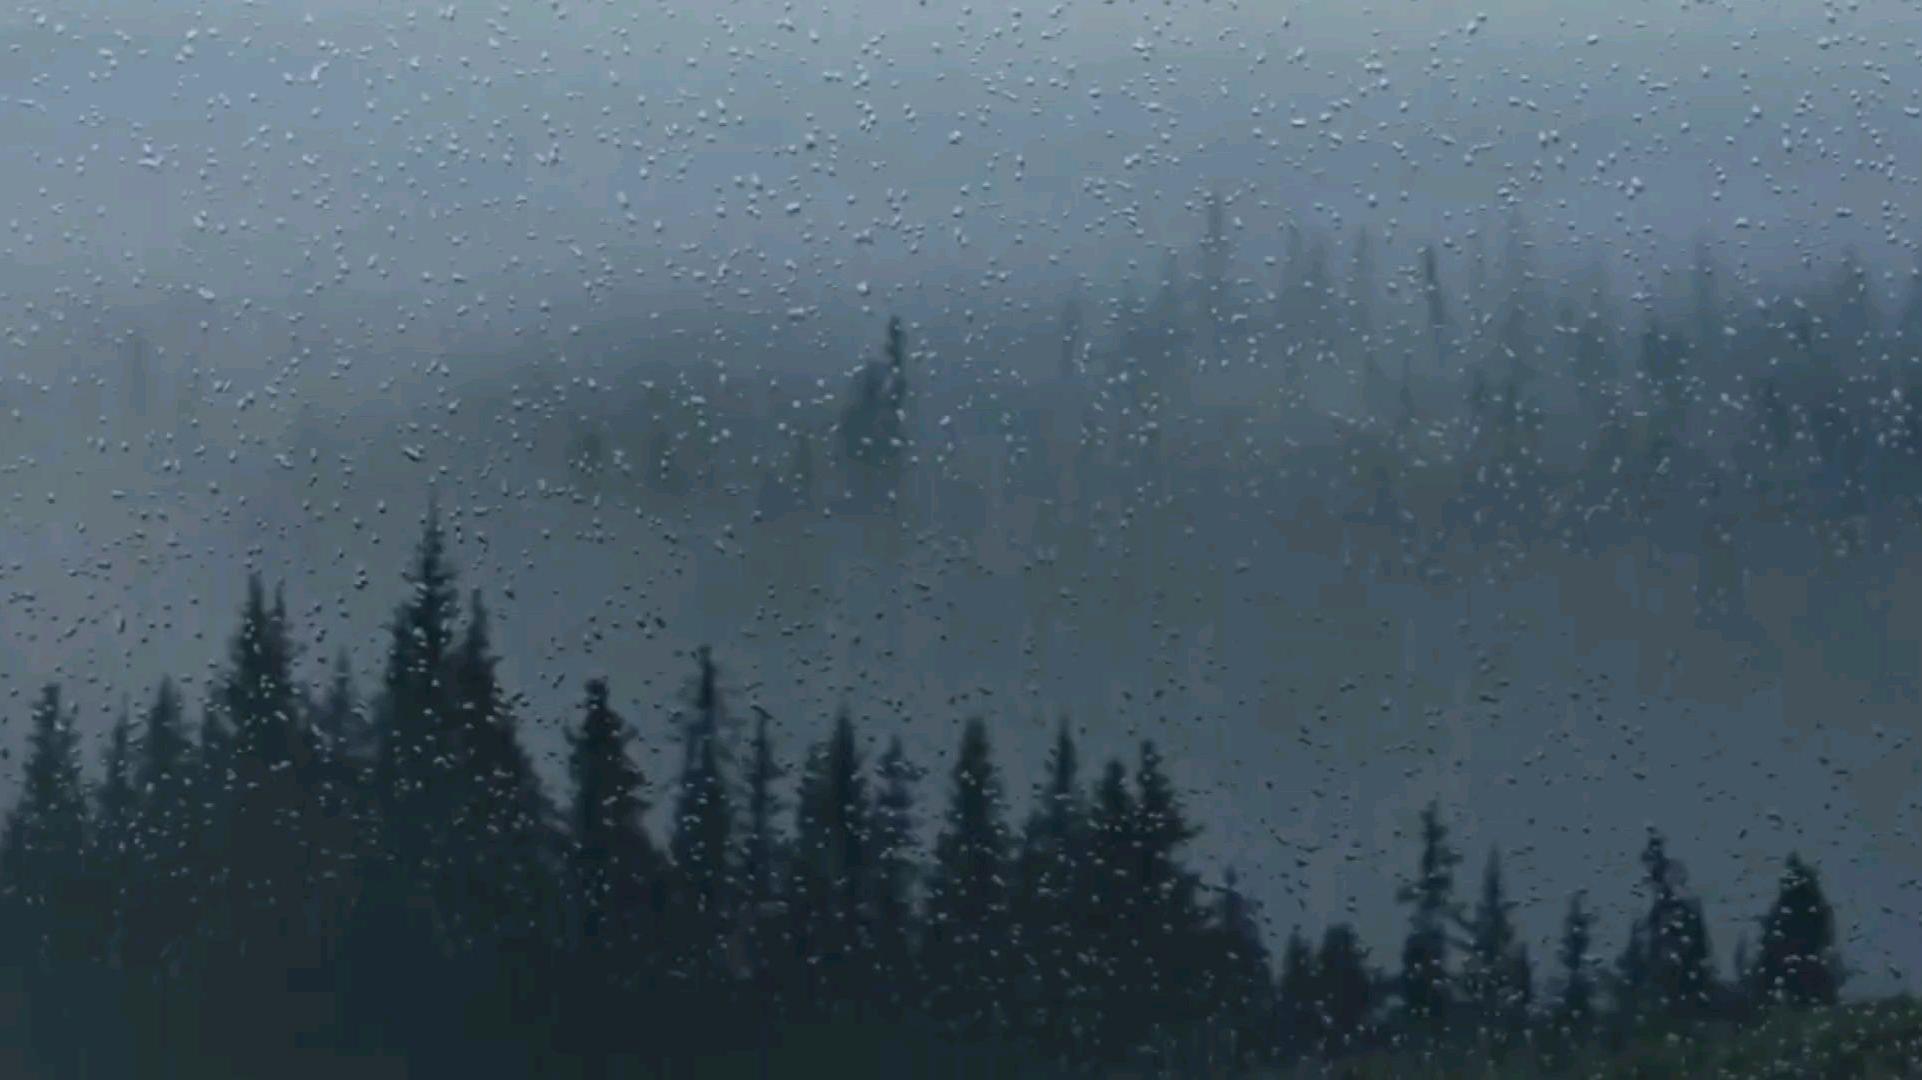 眠白噪音/ 山區雨林下雨聲 /安穩舒眠温柔的雨 可用于睡眠,放松,学习,失眠,焦虑